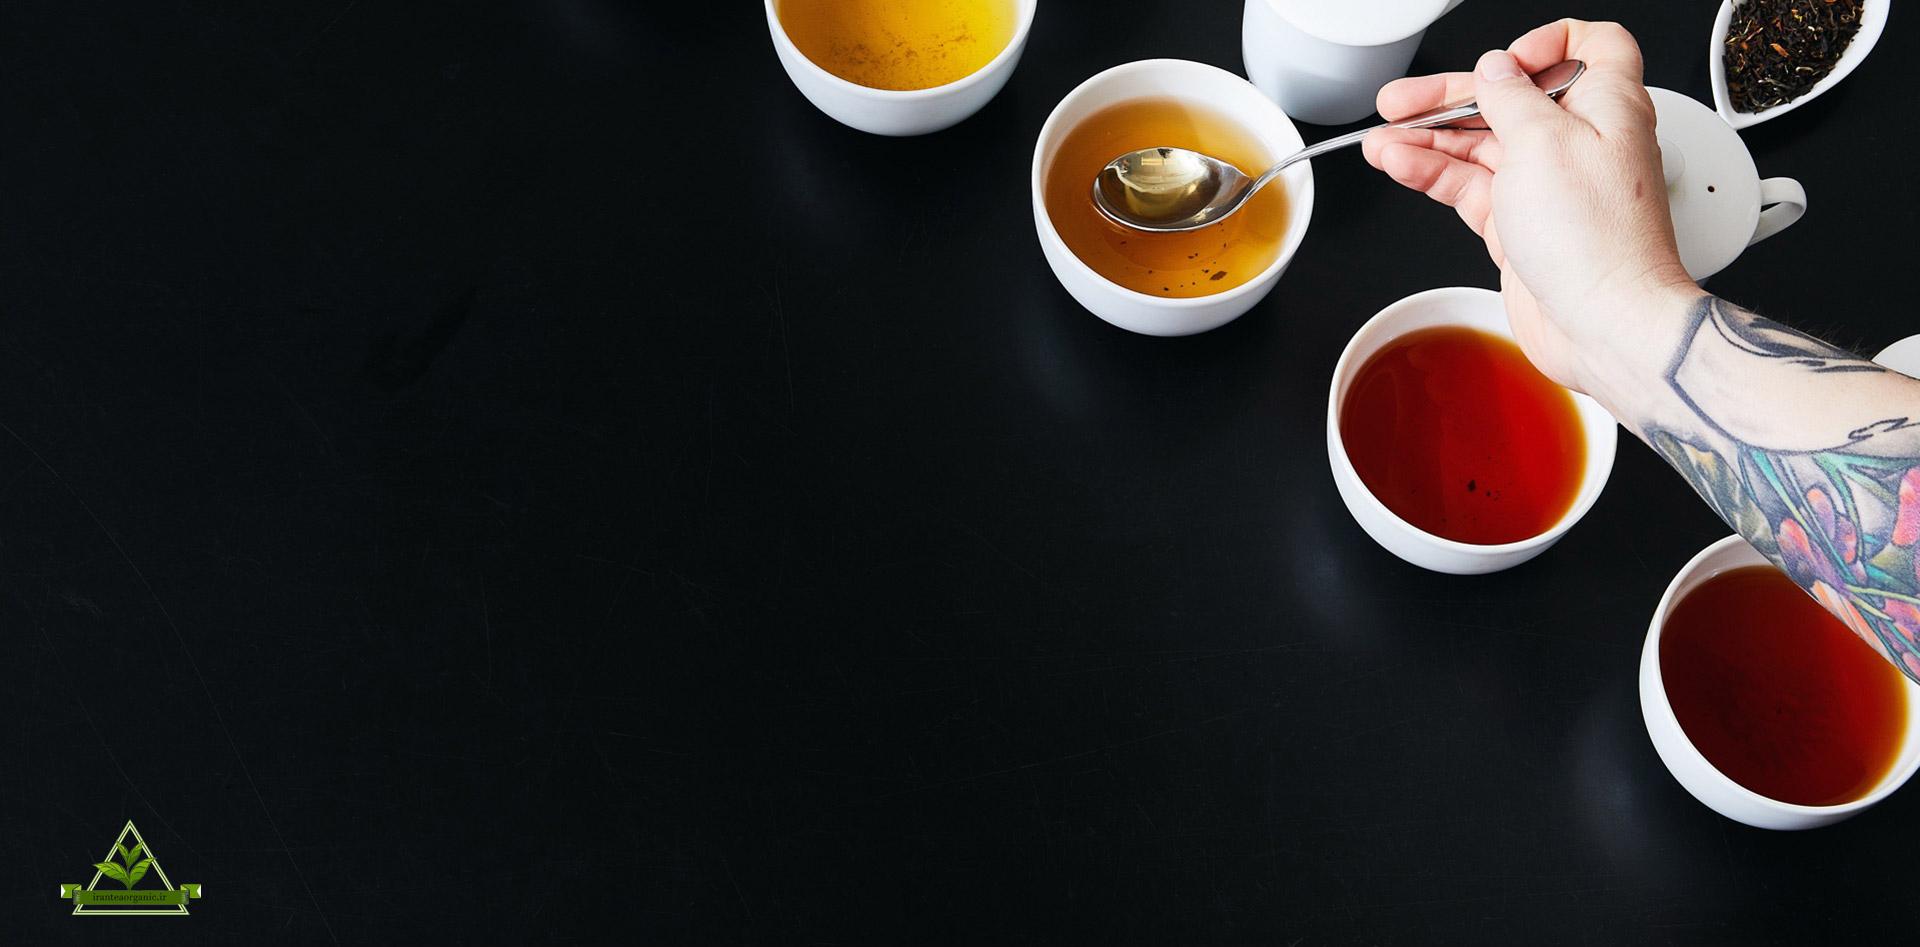 خرید اینترنتی چای ایران از درب کارخانه